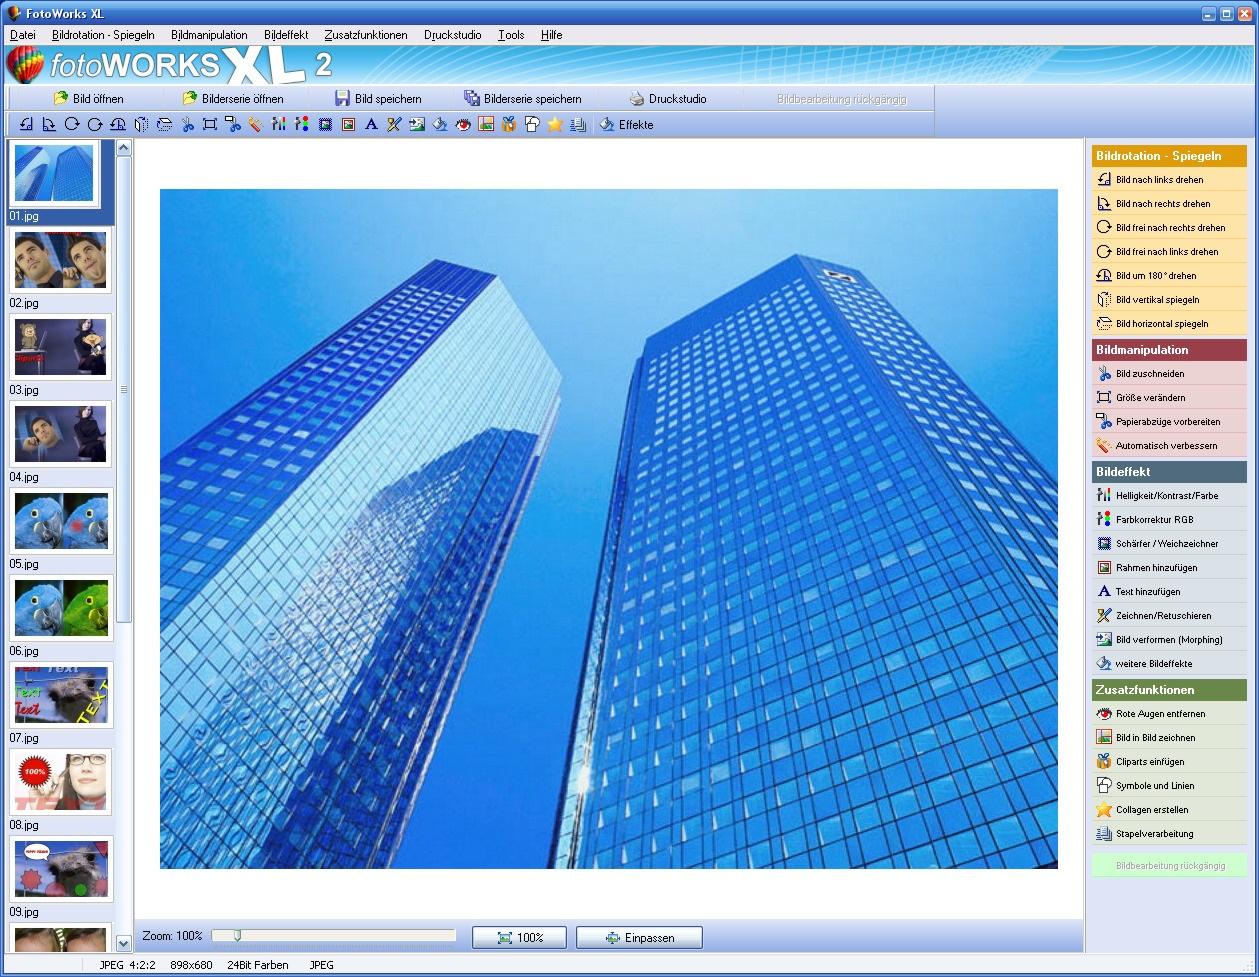 Foto Software | Neues zu Foto Software und Bildbearbeitungsprogramm